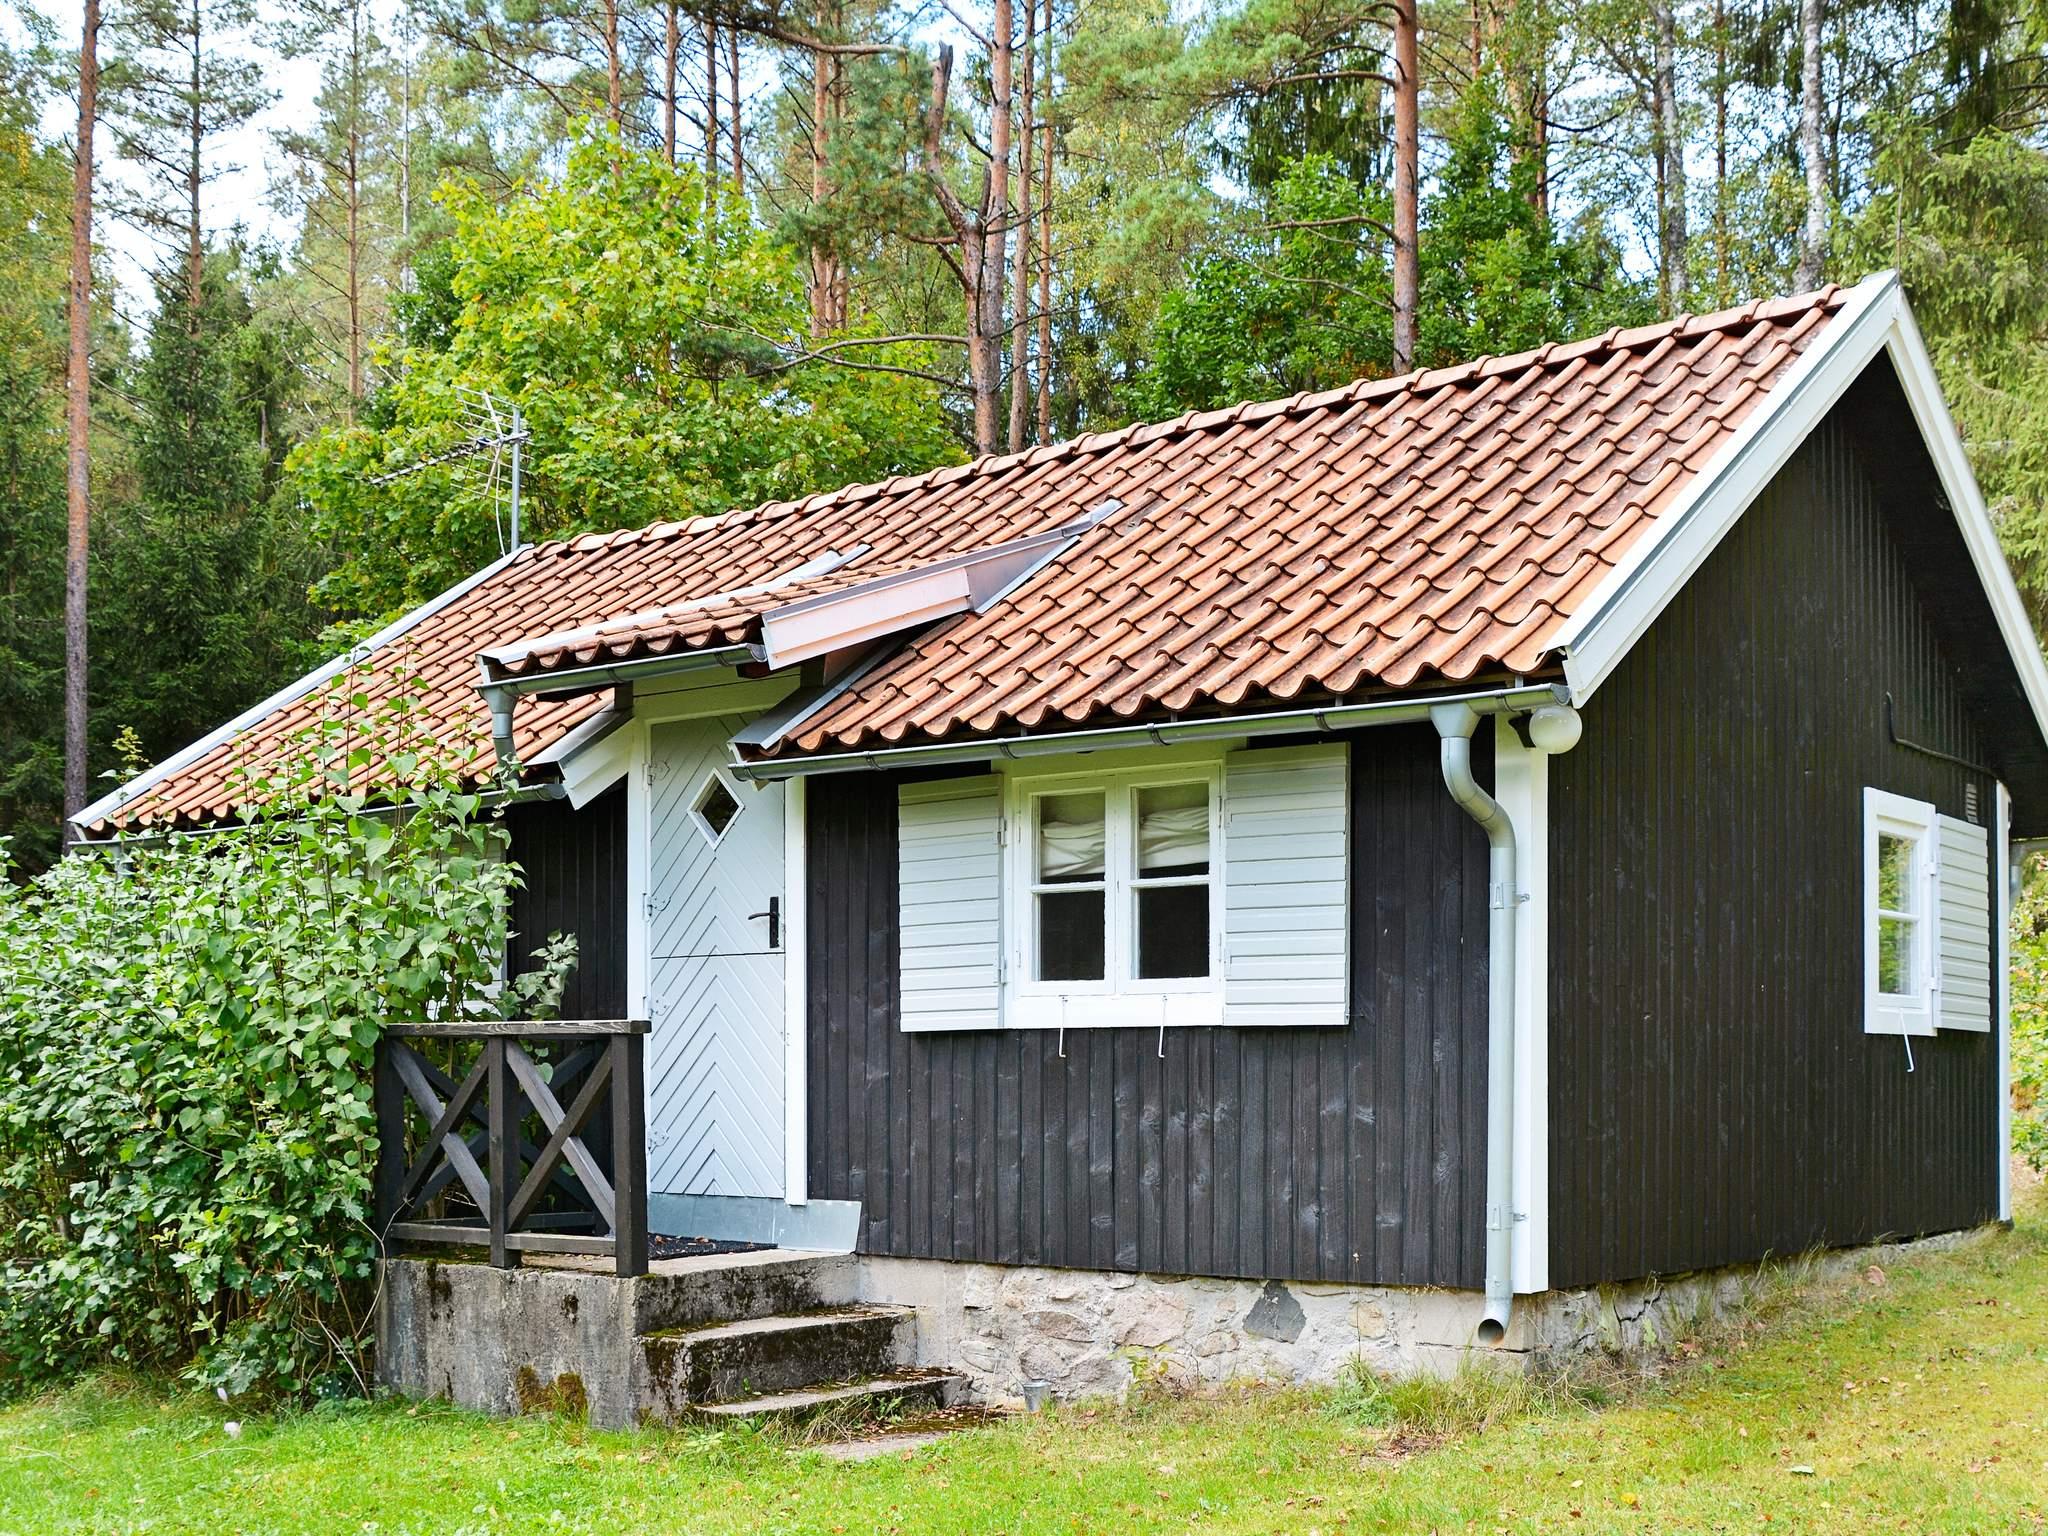 Ferienhaus Belganet (86864), Hallabro, Blekinge län, Südschweden, Schweden, Bild 10